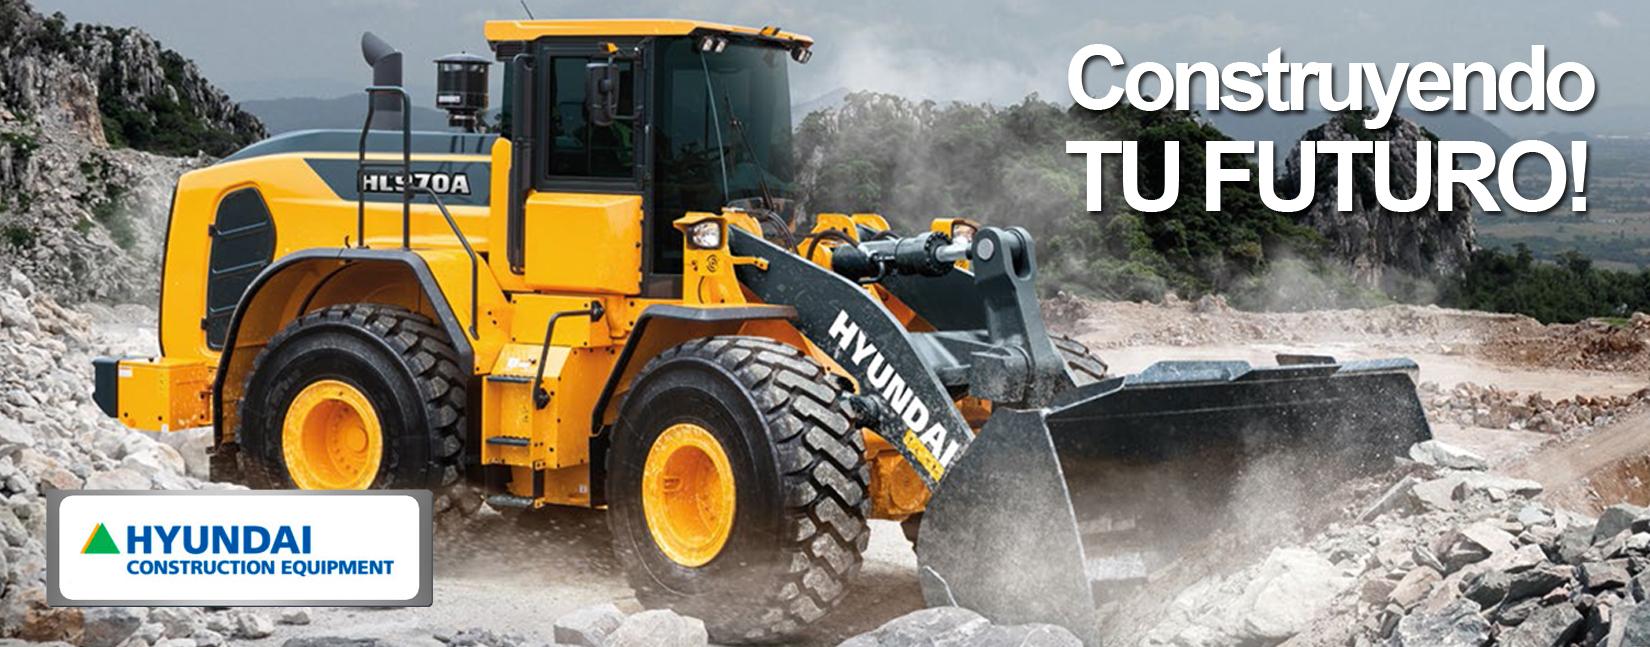 HYUNDAI FORKLIT equipos de construccion Republica Dominicana